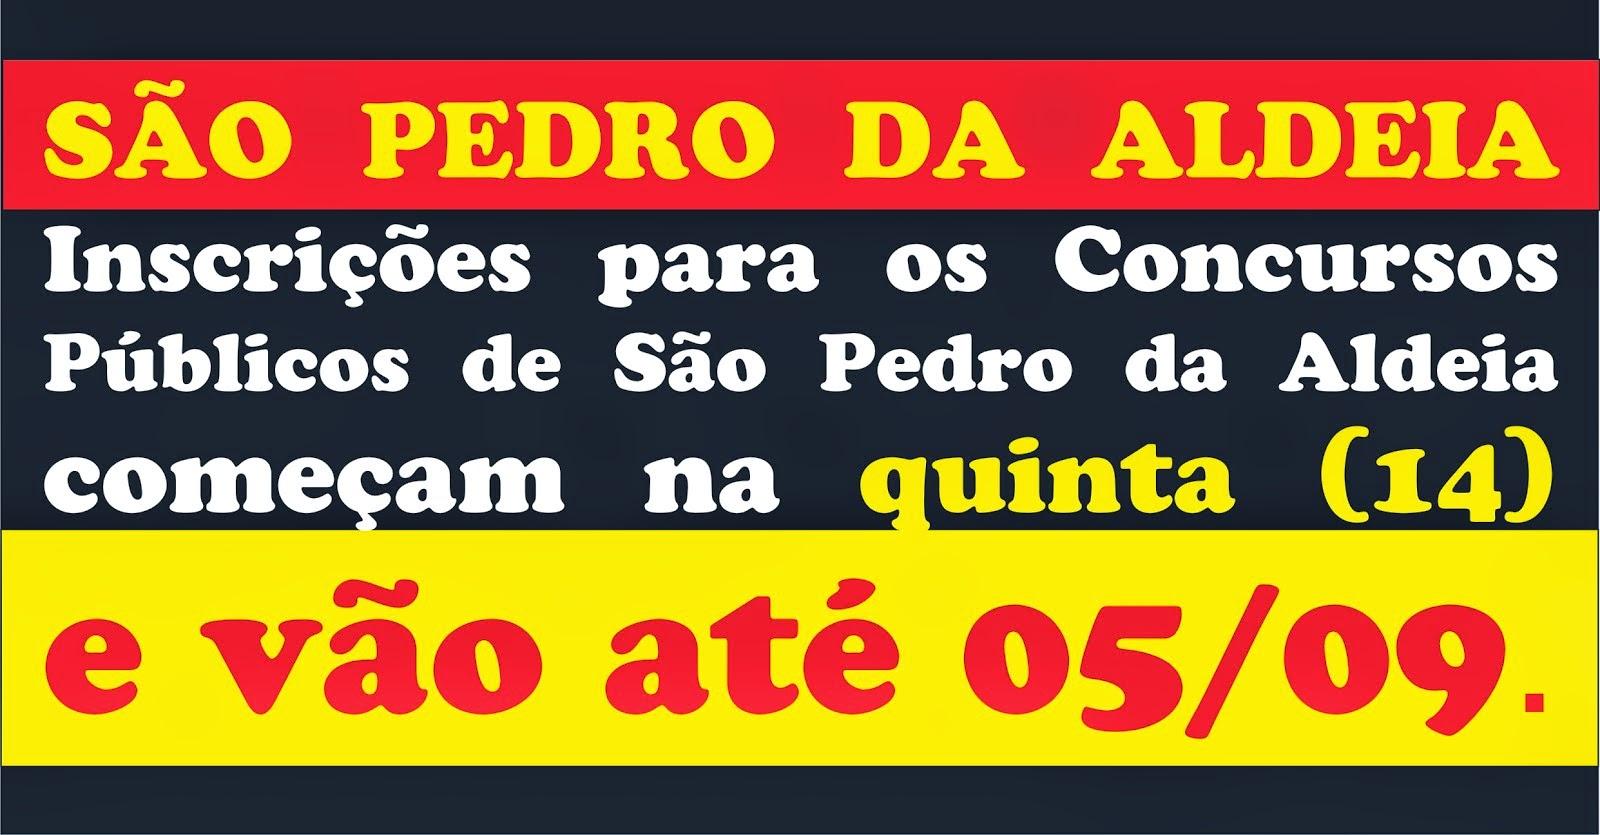 Inscrições para Concurso Público continuam em São Pedro da Aldeia